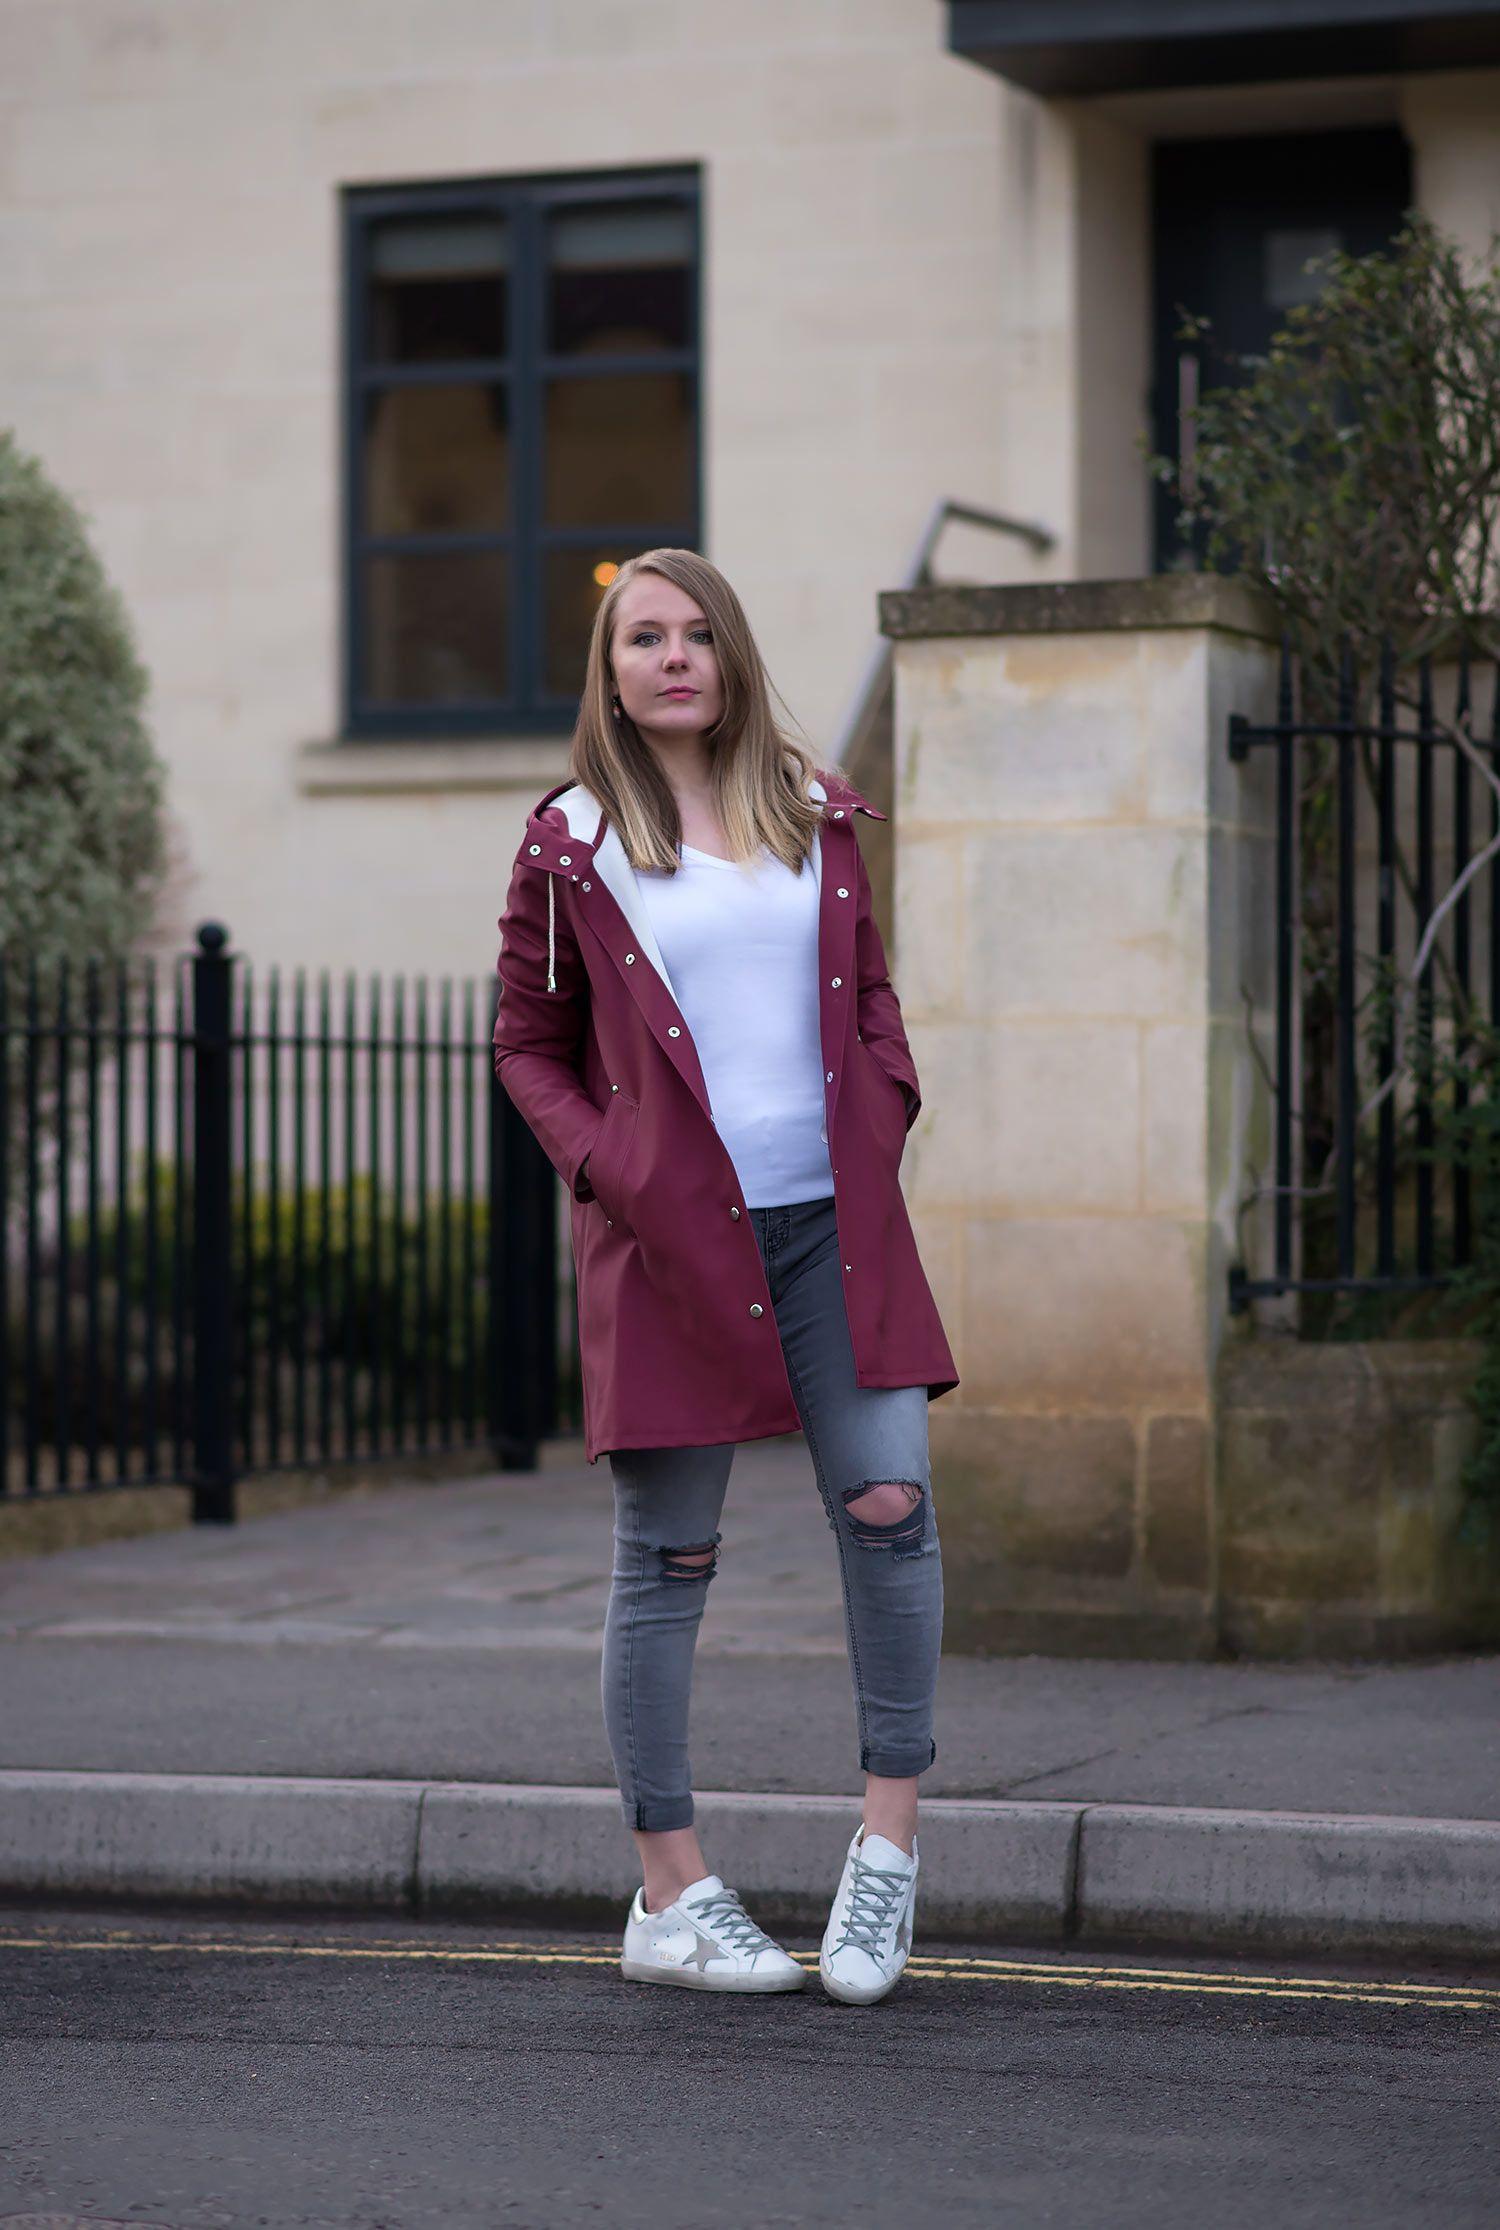 7d636c8de9 Stutterheim Mosebacke Burgundy Raincoat Review + Outfit